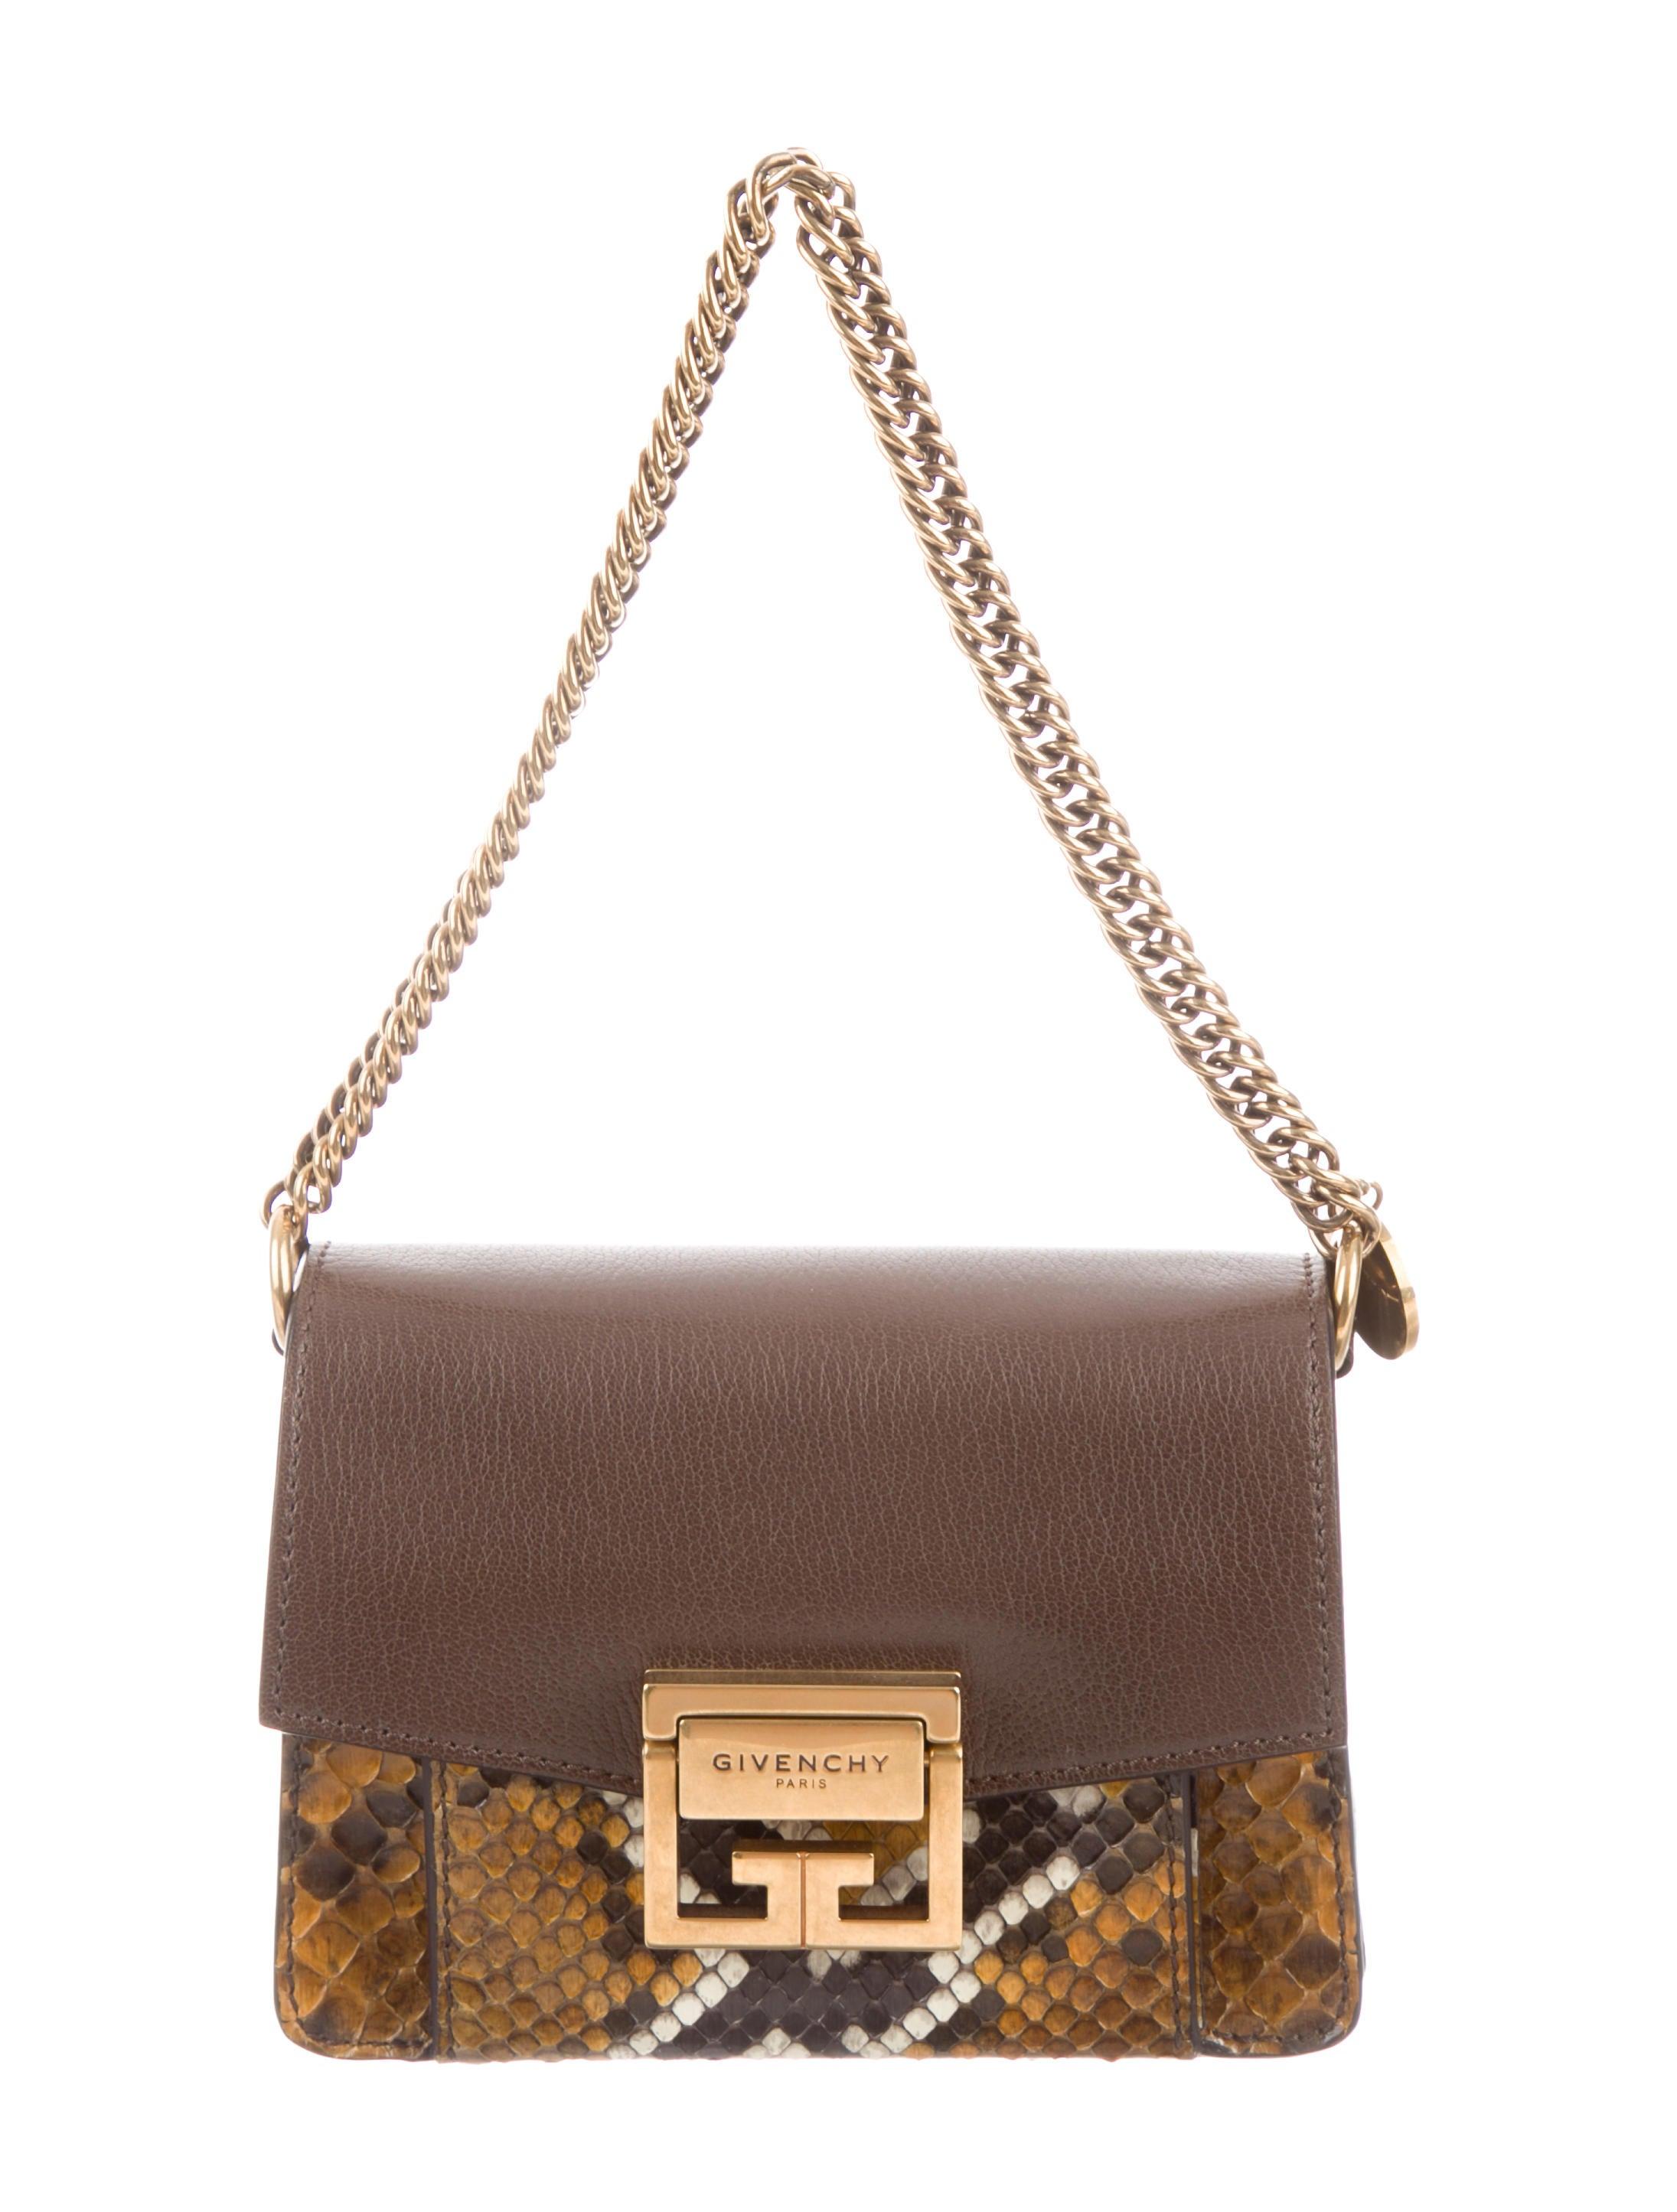 83ee78baa660 Givenchy 2019 Mini Python GV3 Bag - Handbags - GIV63315